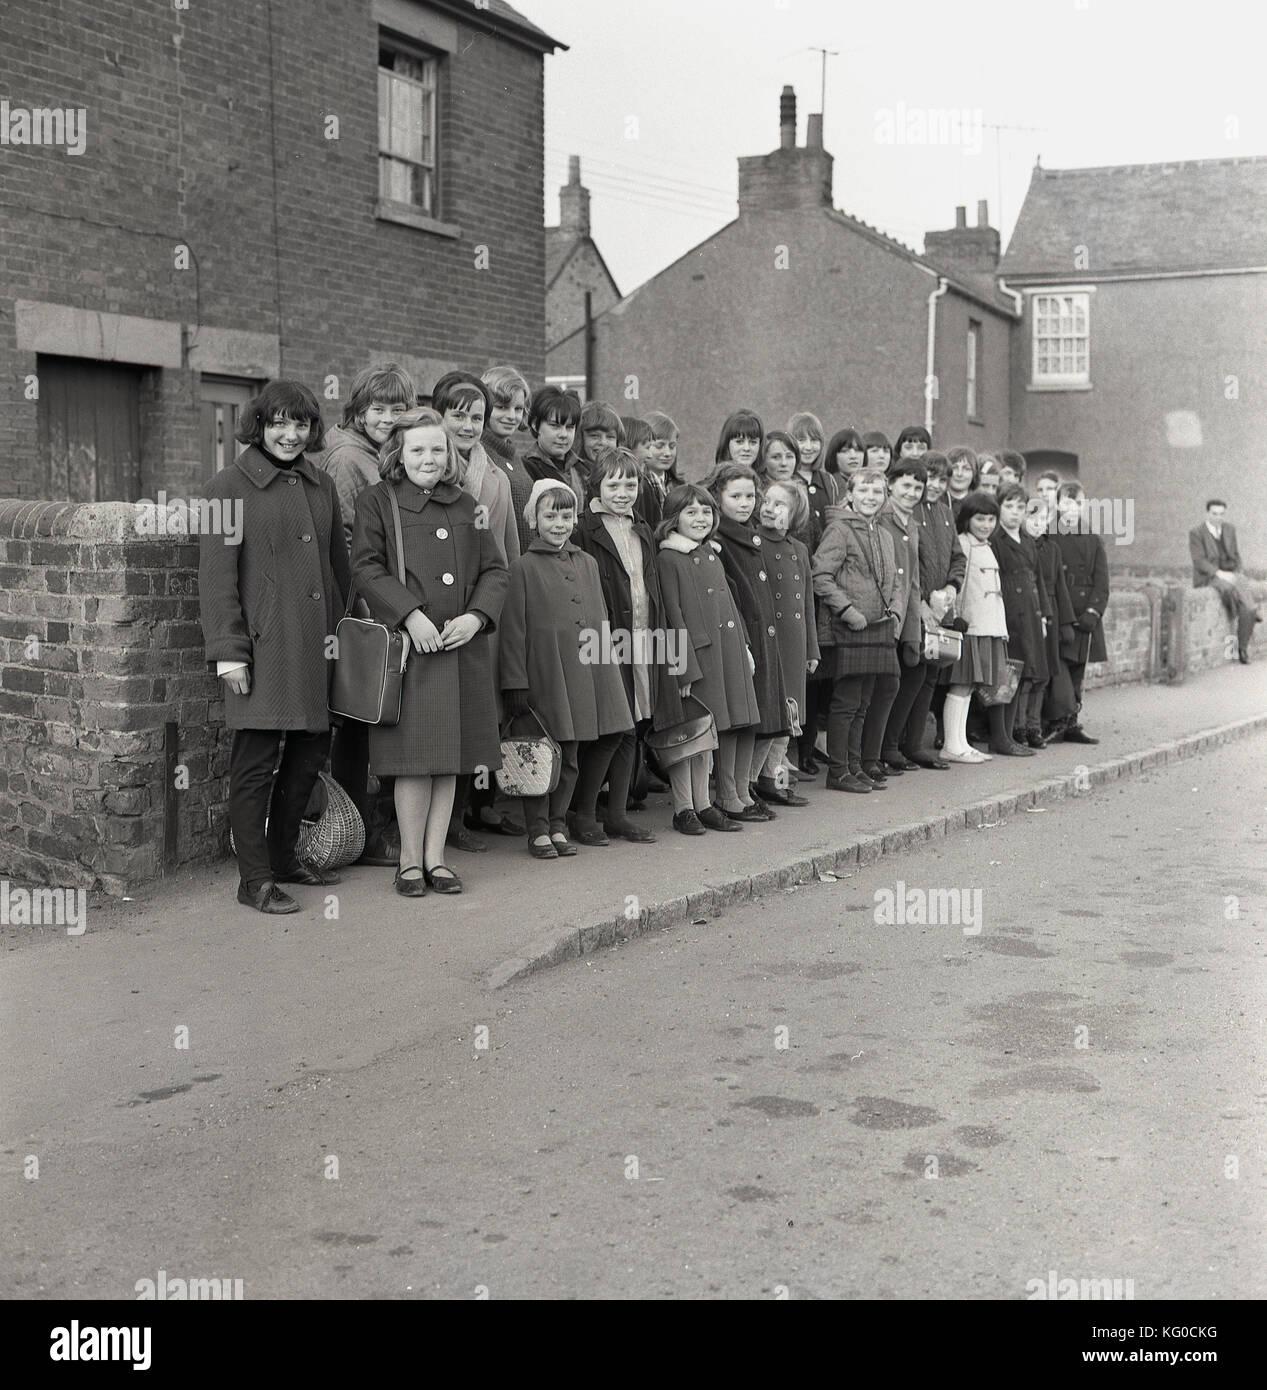 1950, histórico, post-ww2 Gran Bretaña y un grupo de niños entusiastas de distintas edades Espere Imagen De Stock